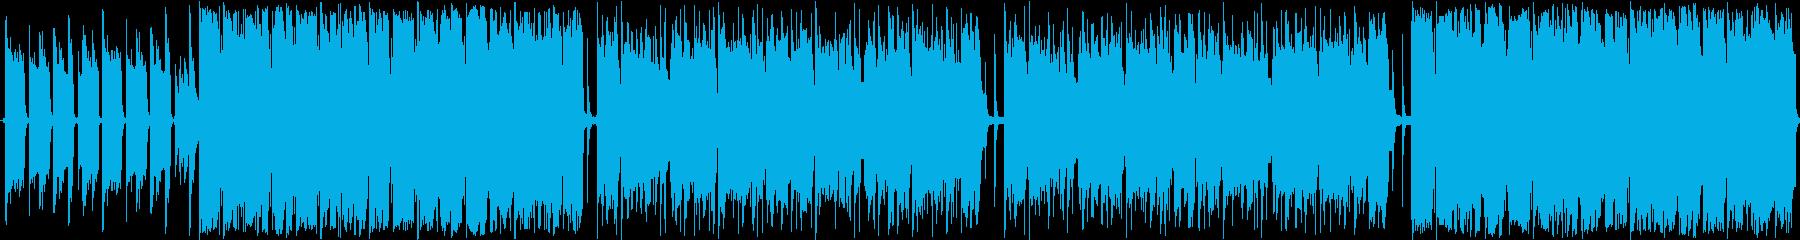 おしゃれな変拍子のポストロックの再生済みの波形